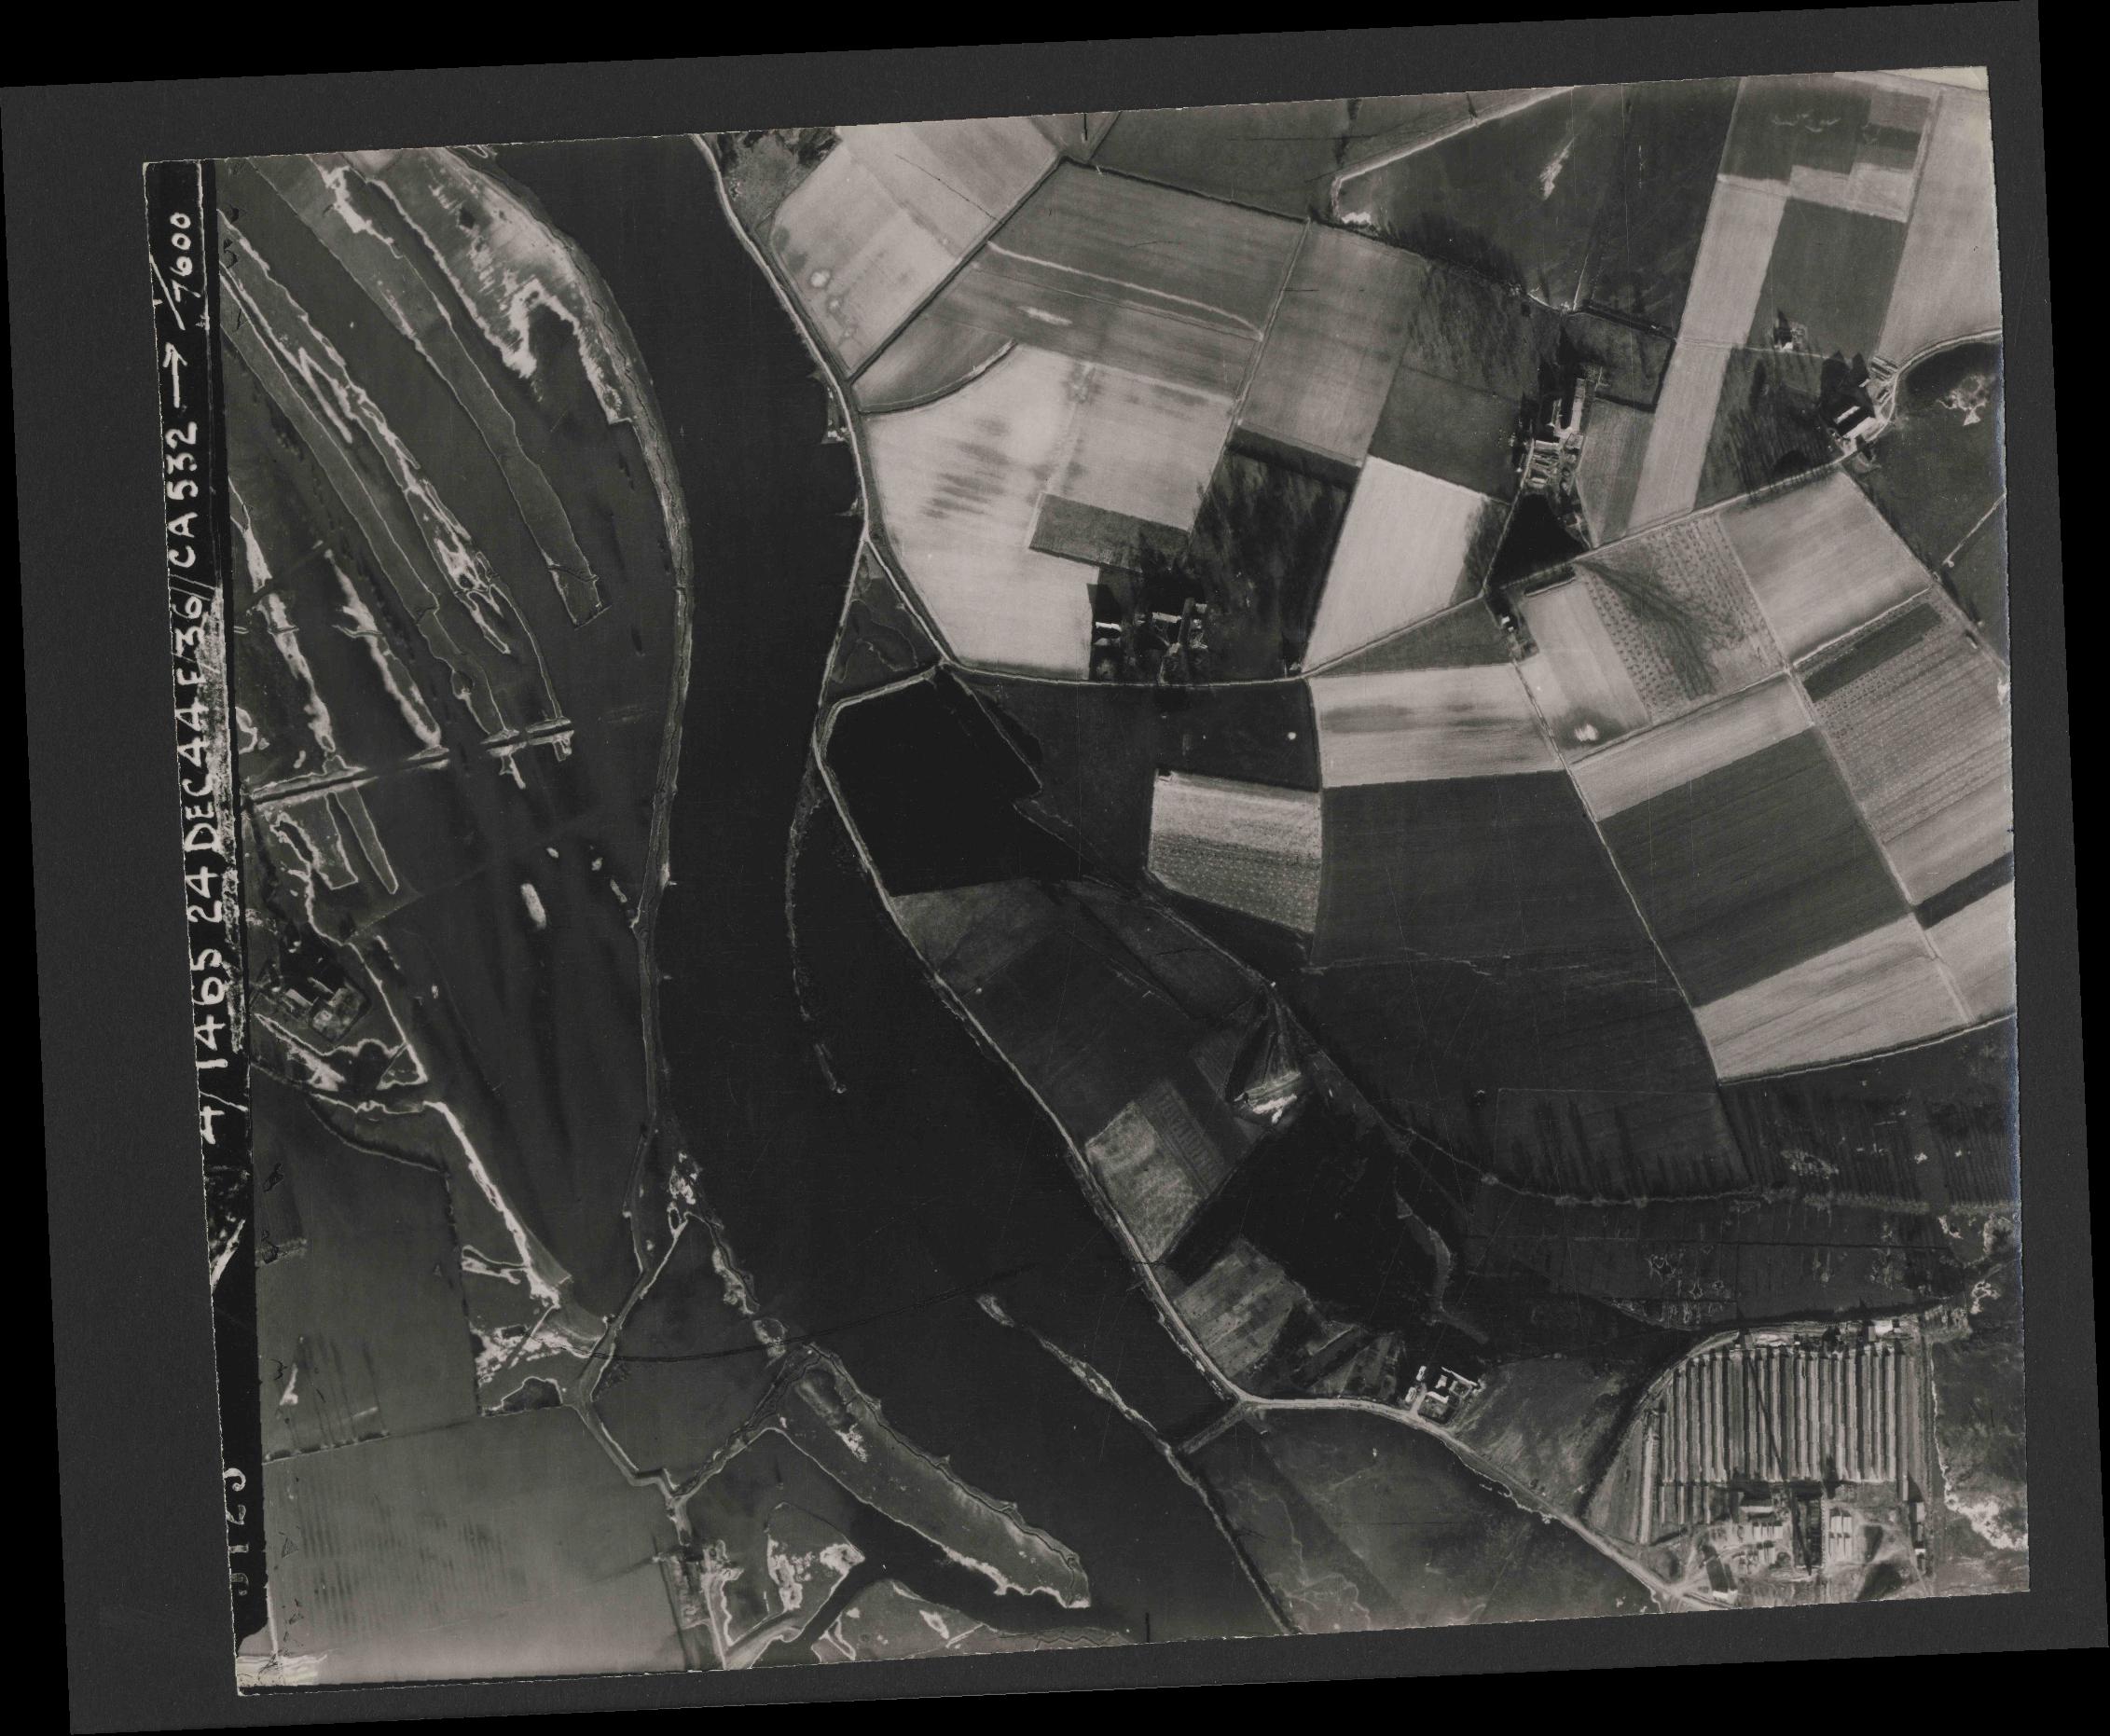 Collection RAF aerial photos 1940-1945 - flight 304, run 01, photo 3123